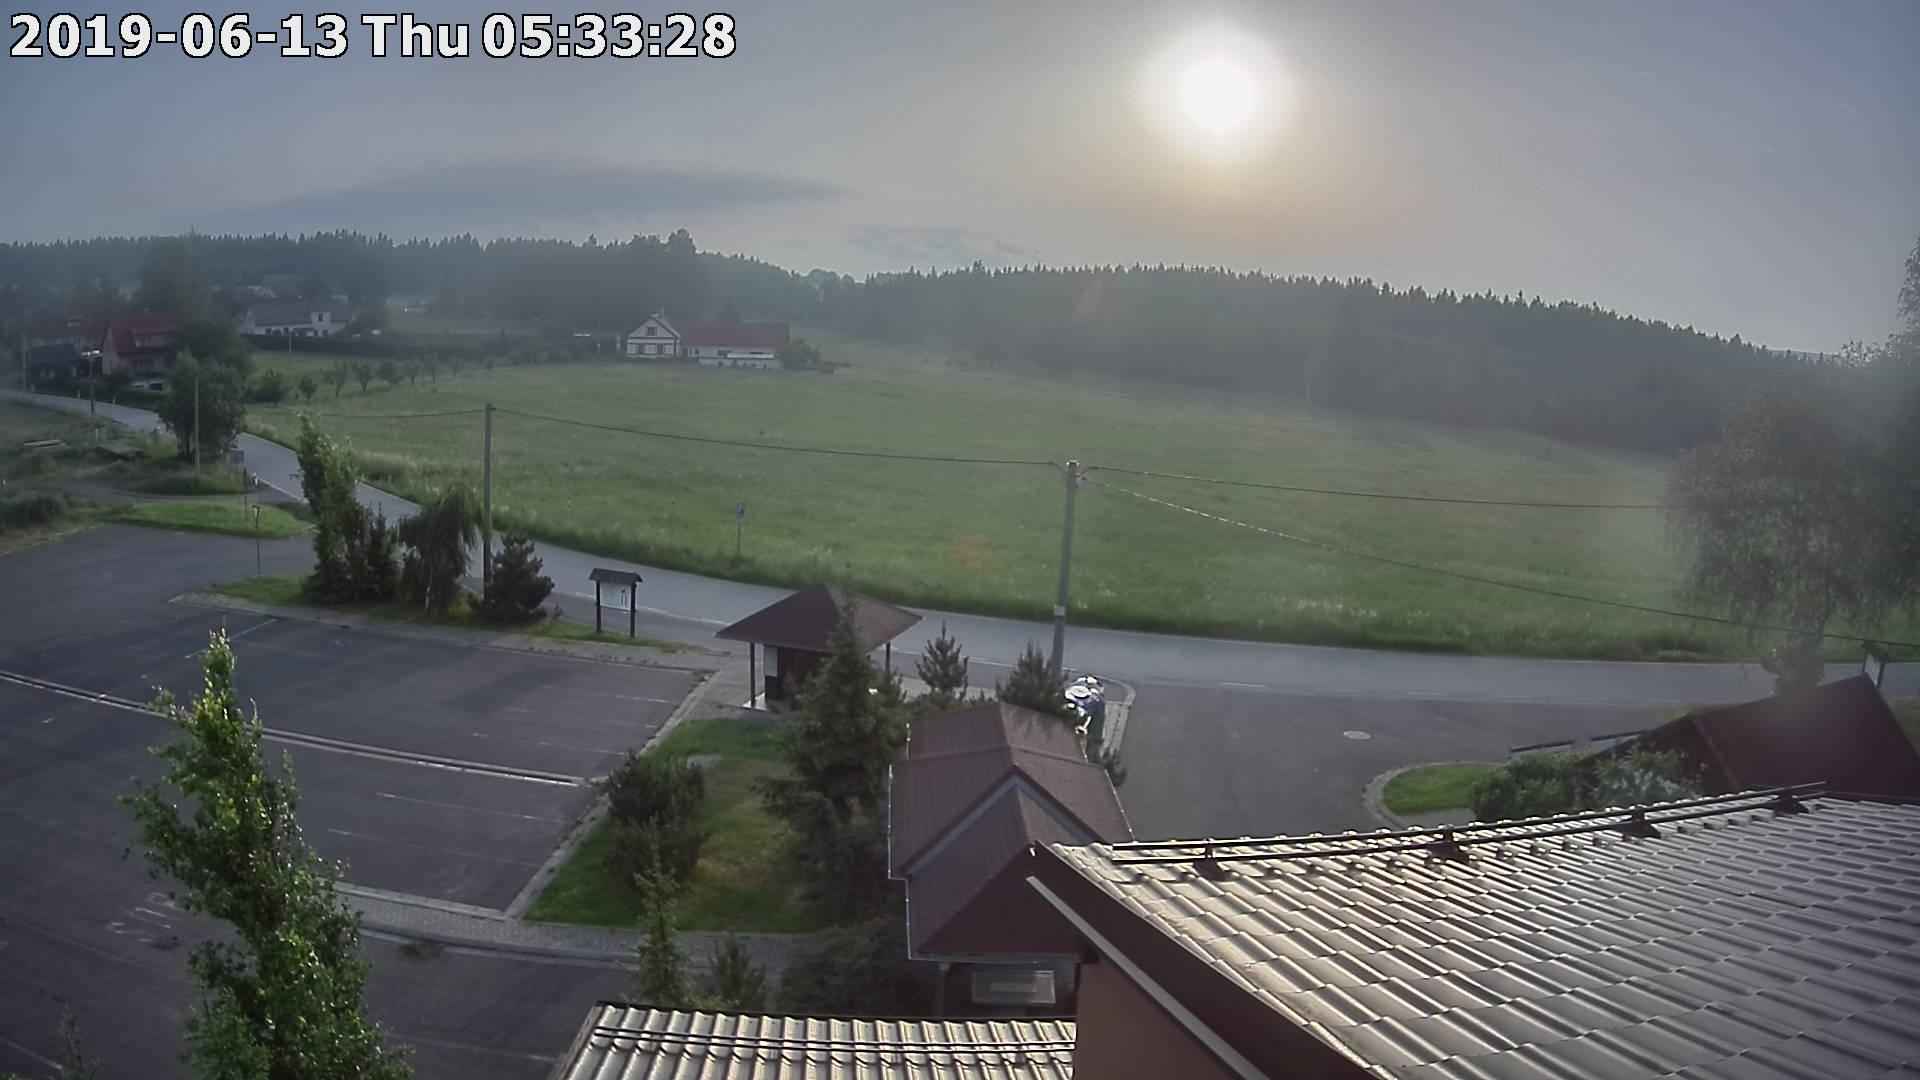 Webkamera ze dne 2019-06-13